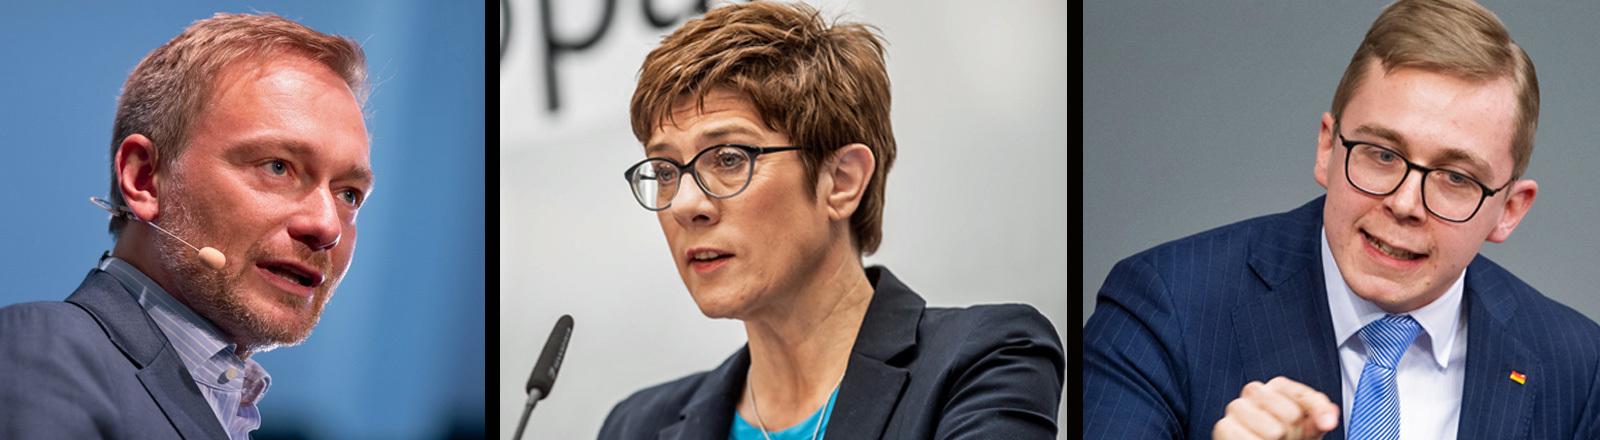 Zu sehen sind Christian Lindner (FDP), Annegret Kramp-Karrenbauer (CDU) und Philipp Amthor (CDU)